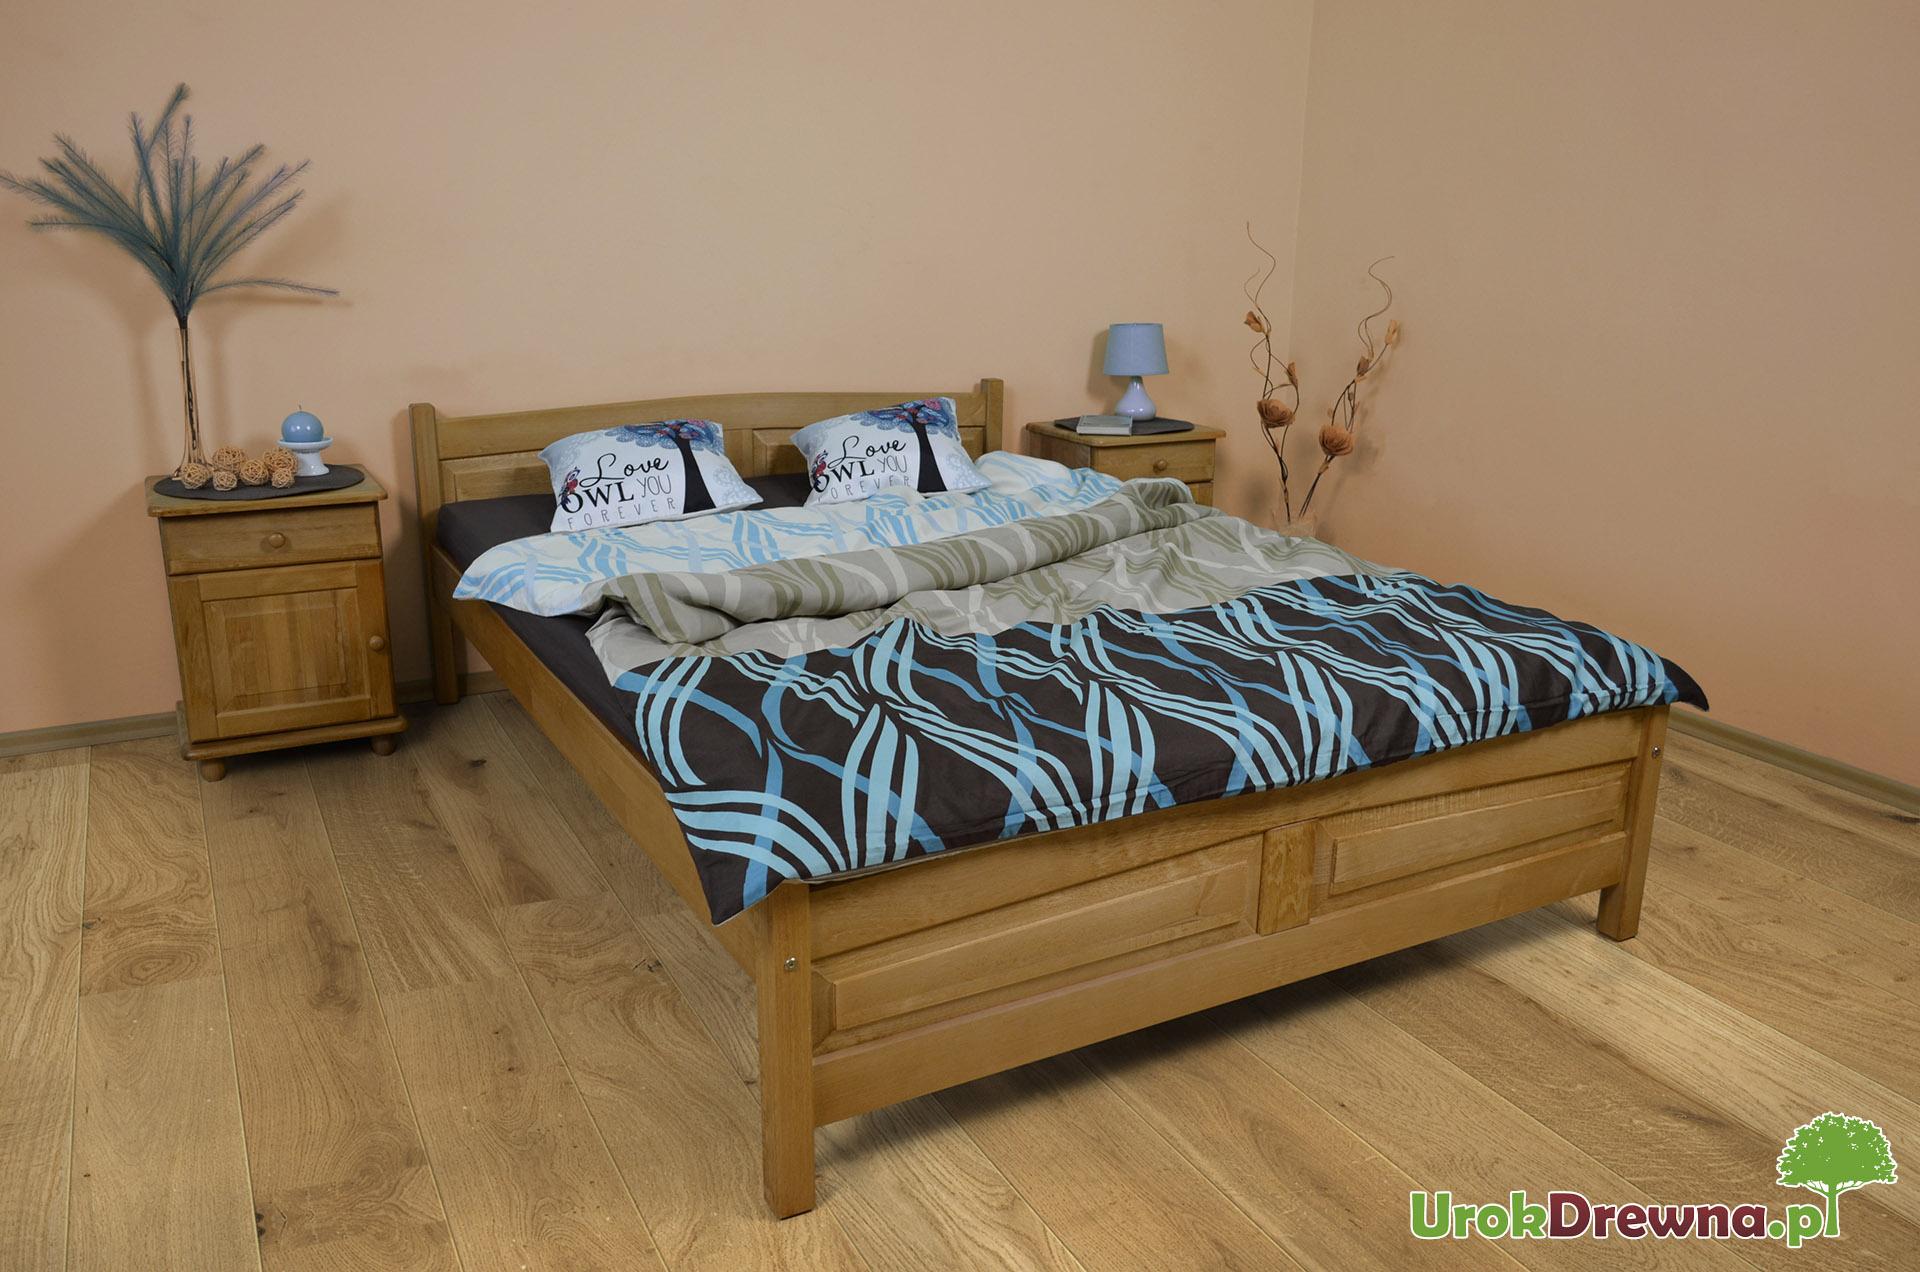 Lozko Drewniane Bukowe Filonek 140 X 200 Urokdrewna Pl Meble